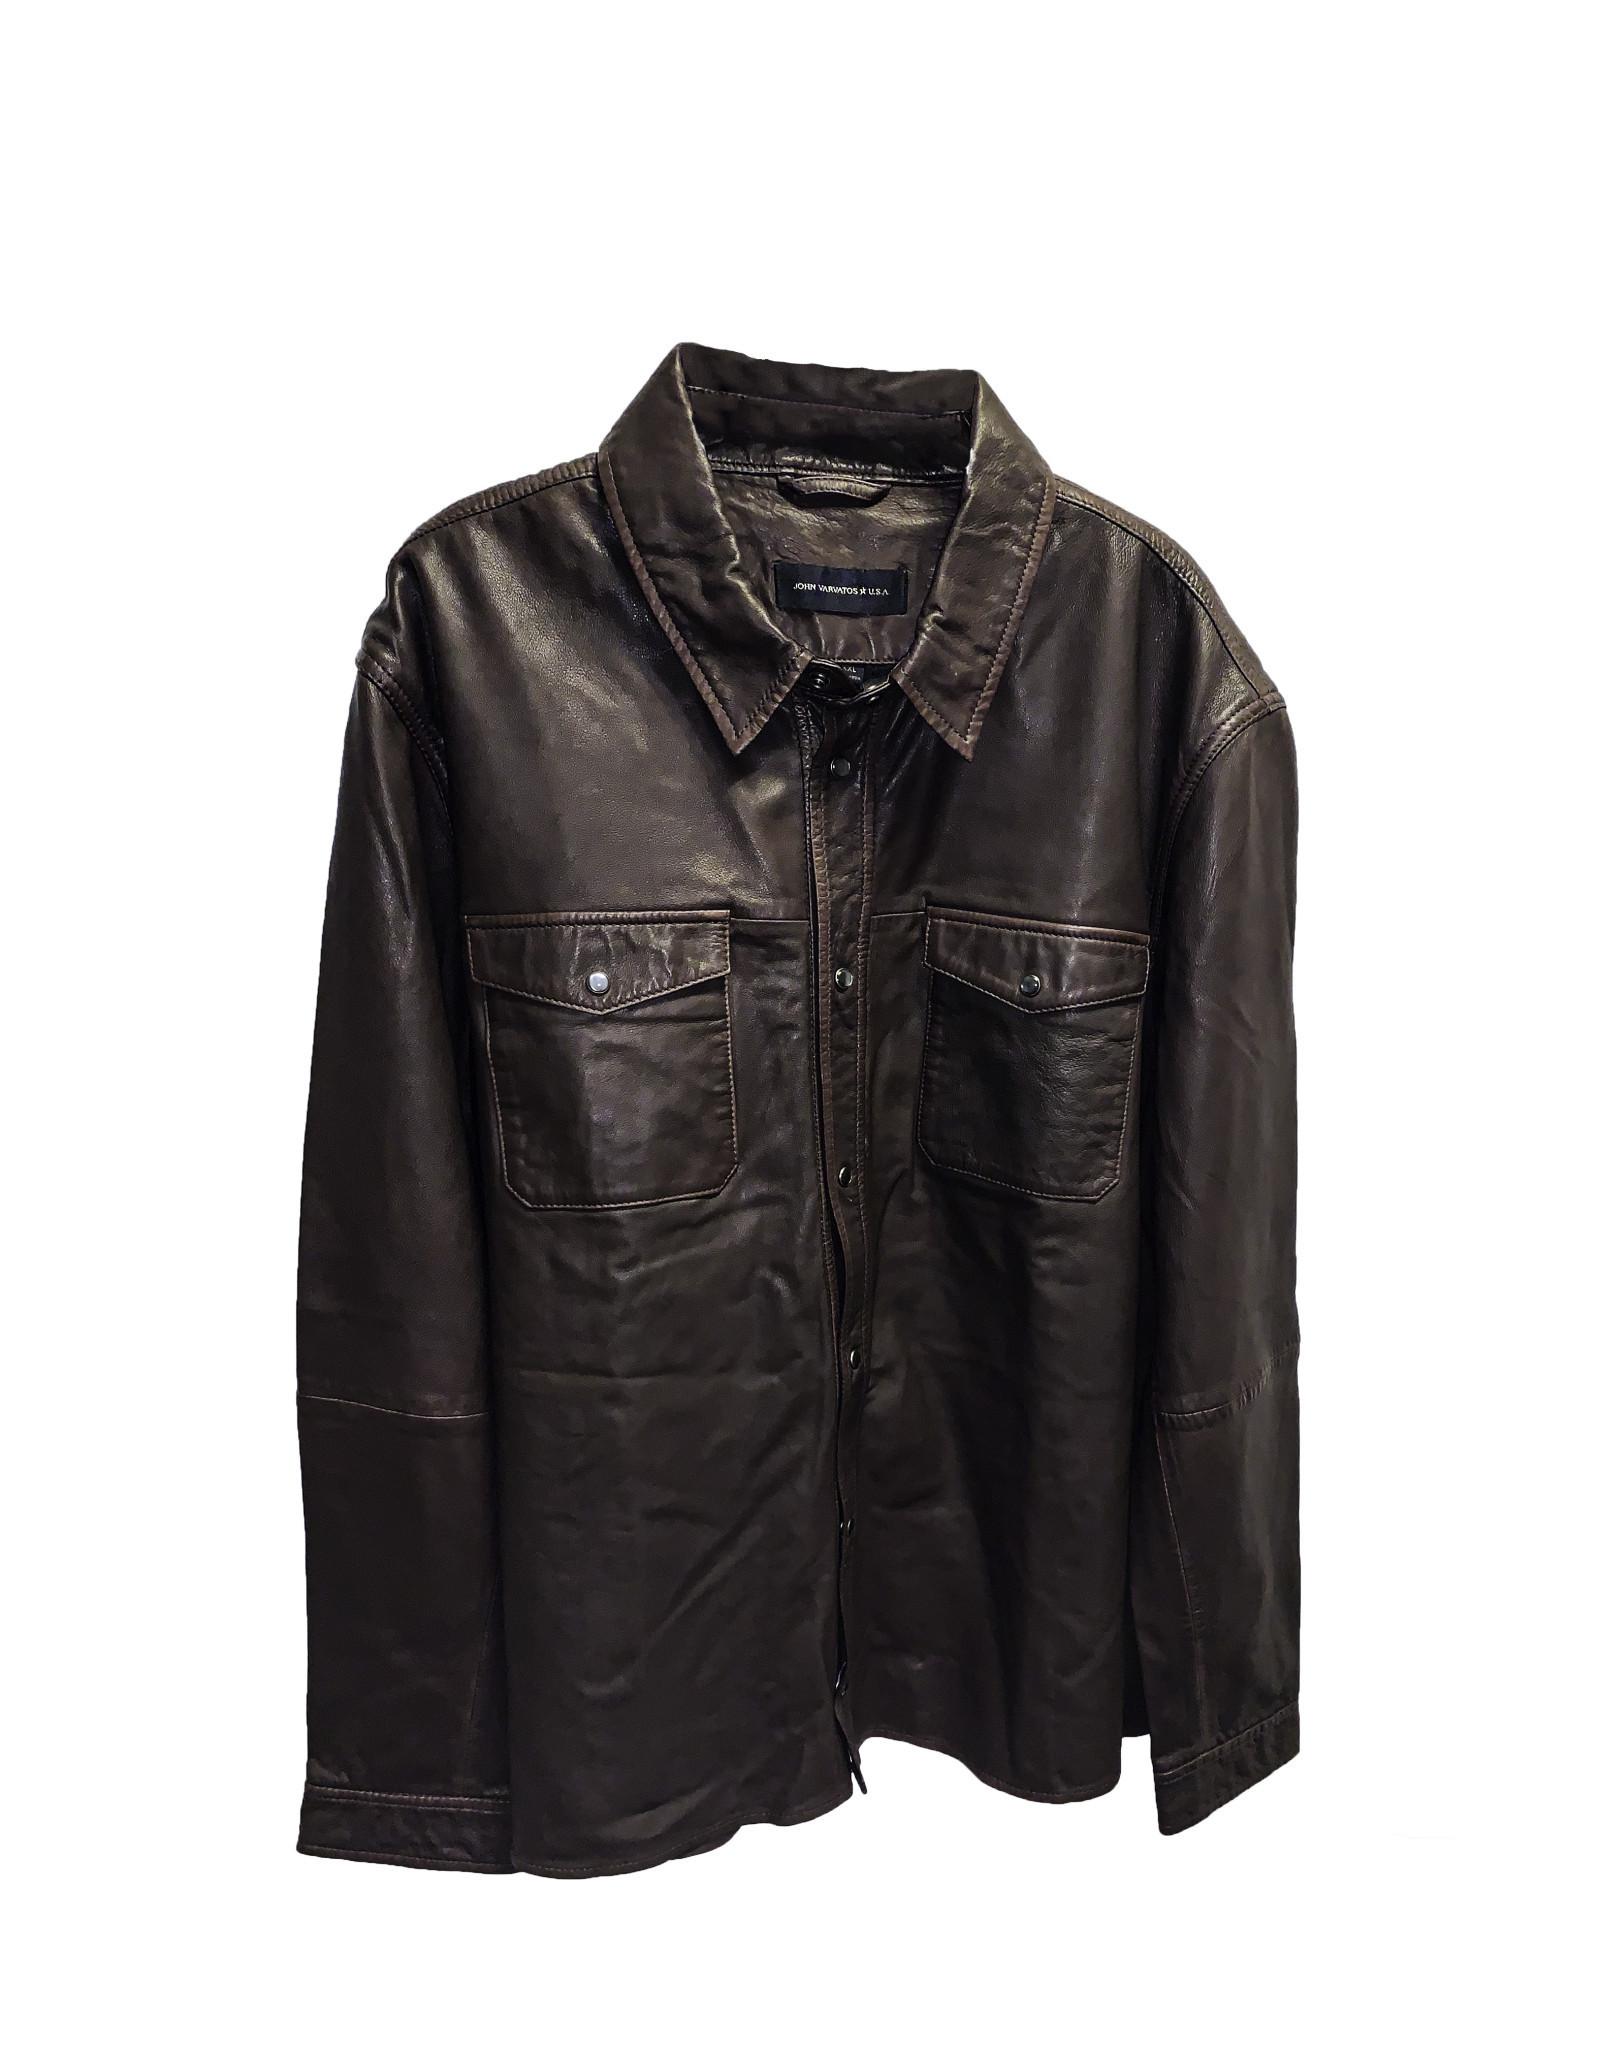 JOHN VARAVATOS U.S.A JOHN VARAVATOS U.S.A Leather Jacket